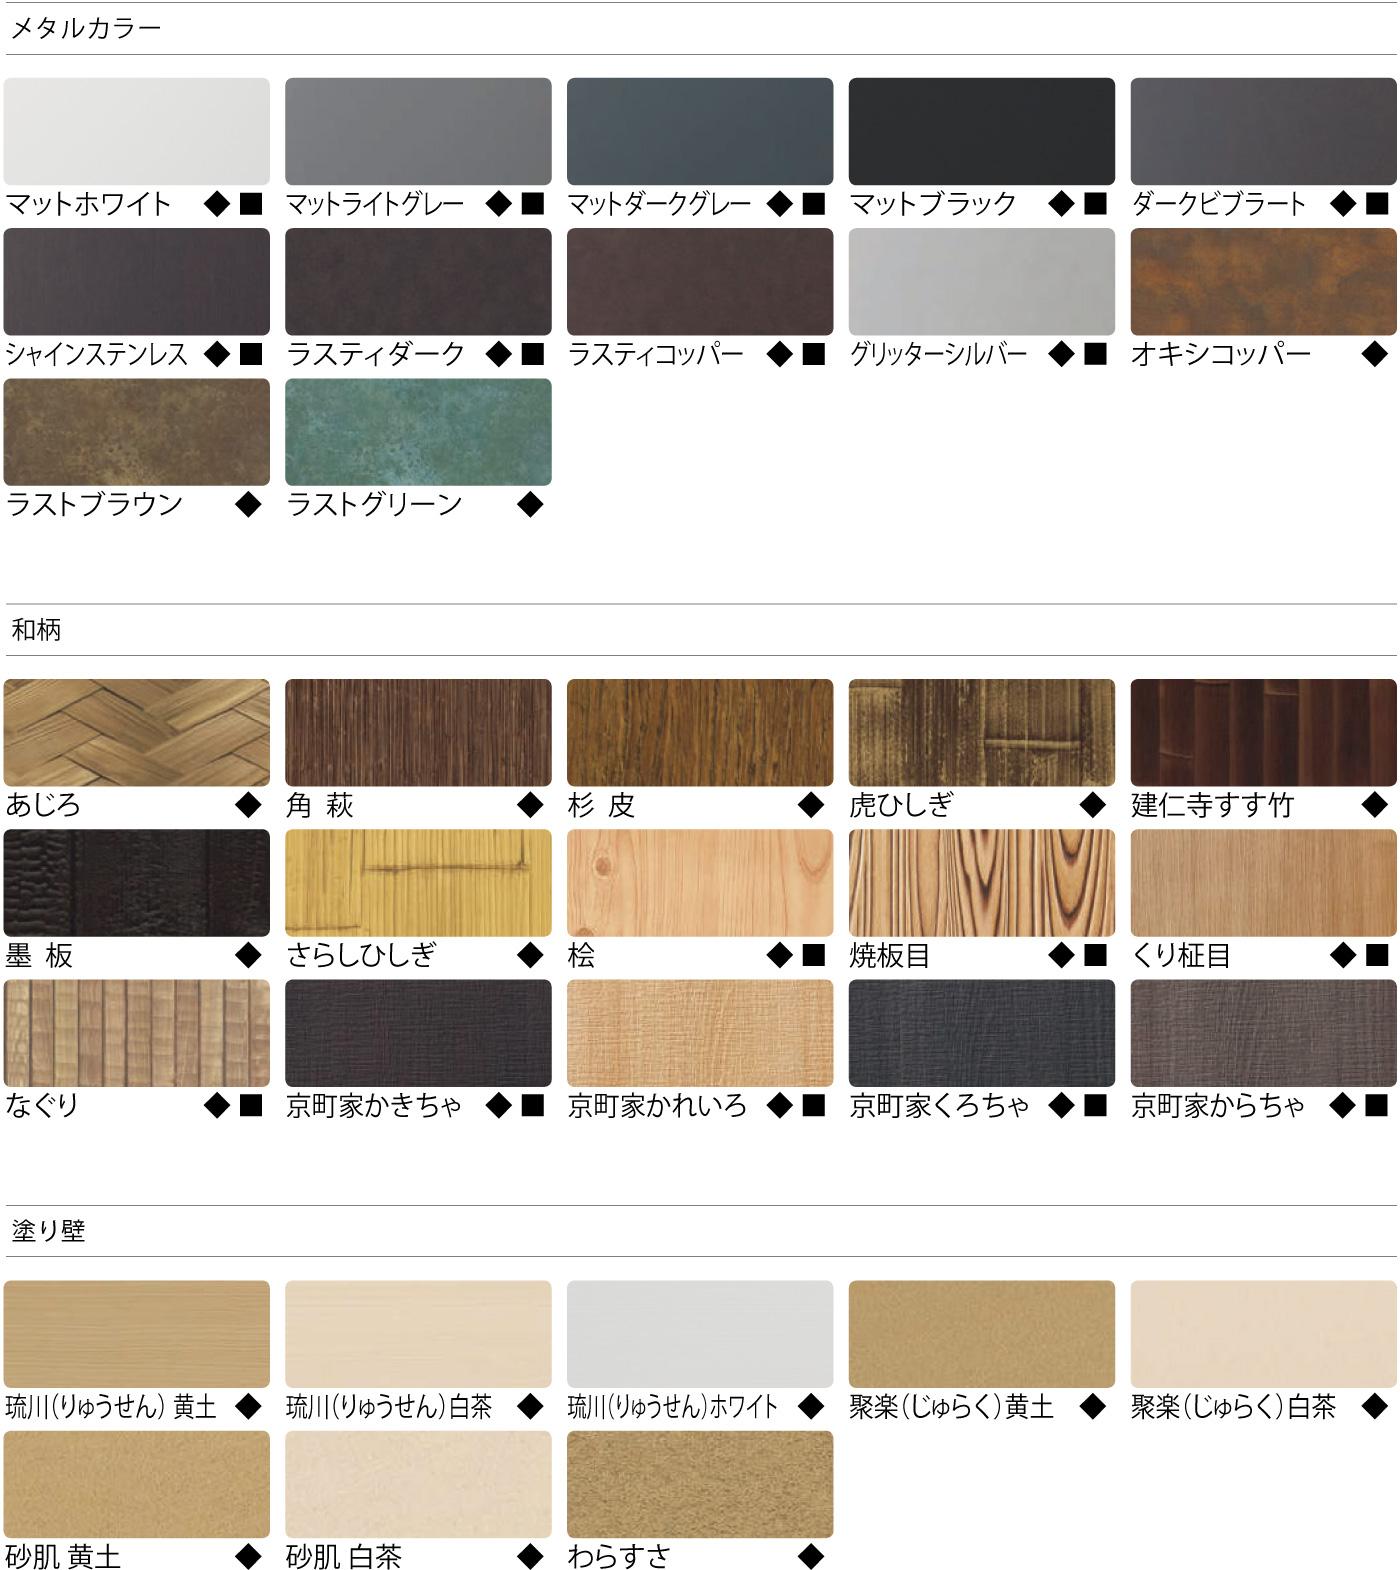 LEDIUS SIGN BOARDの壁面部のカラーバリエーションの一覧画像